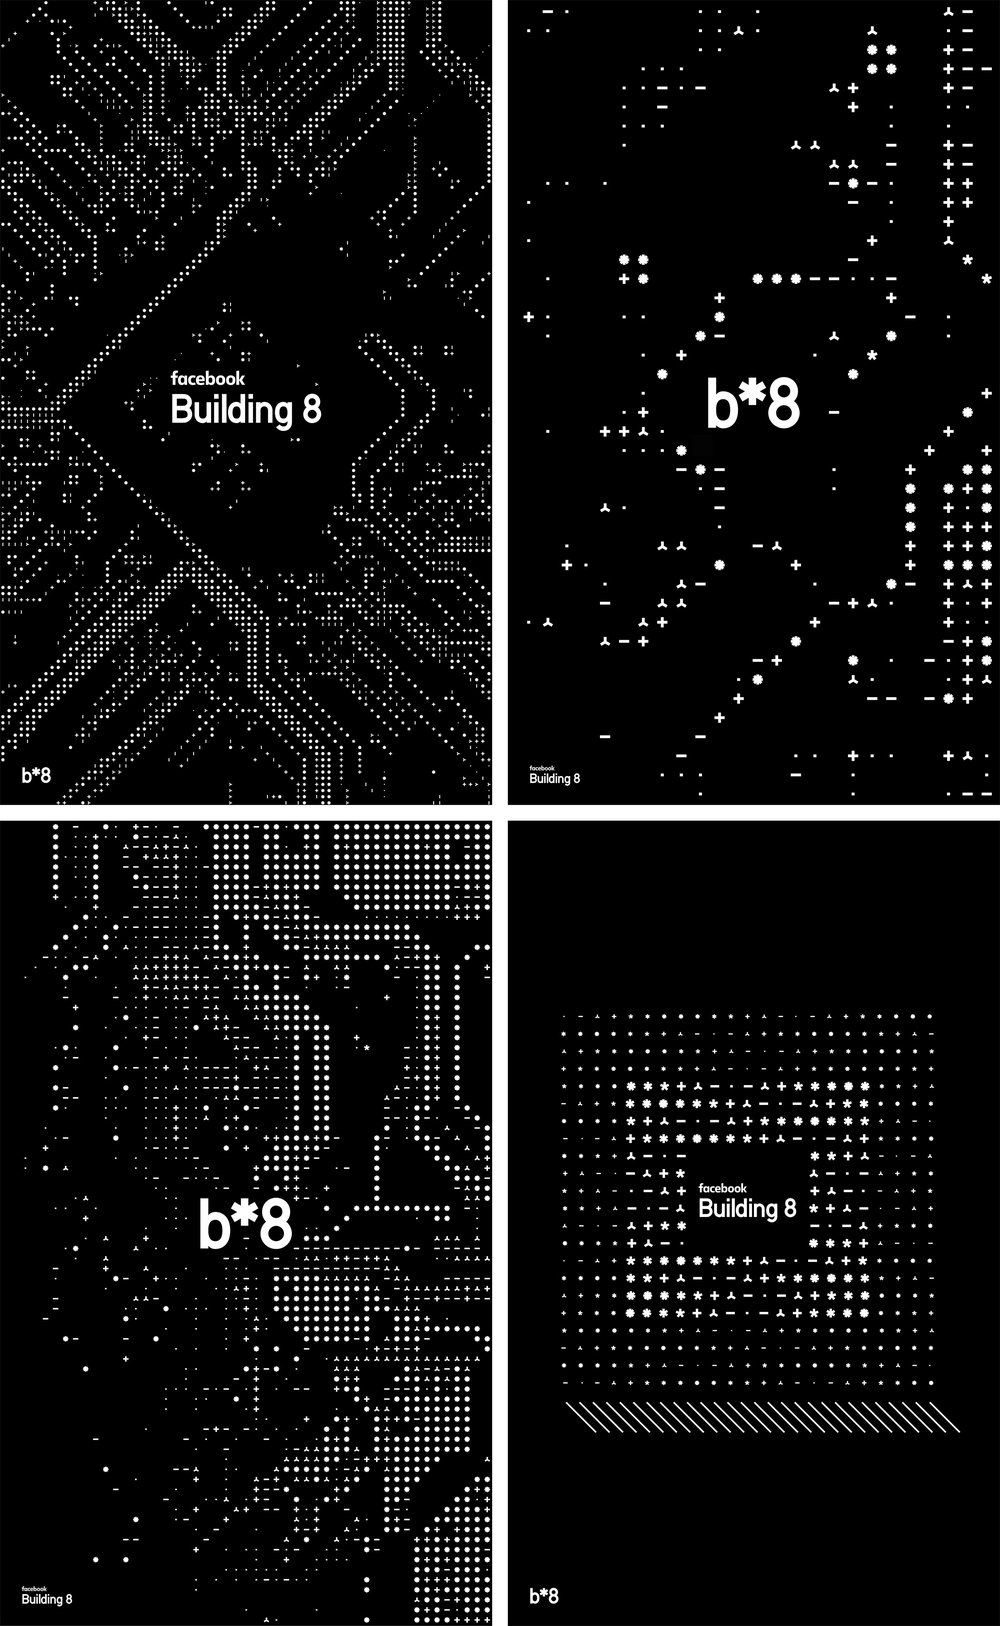 b8_1.jpg